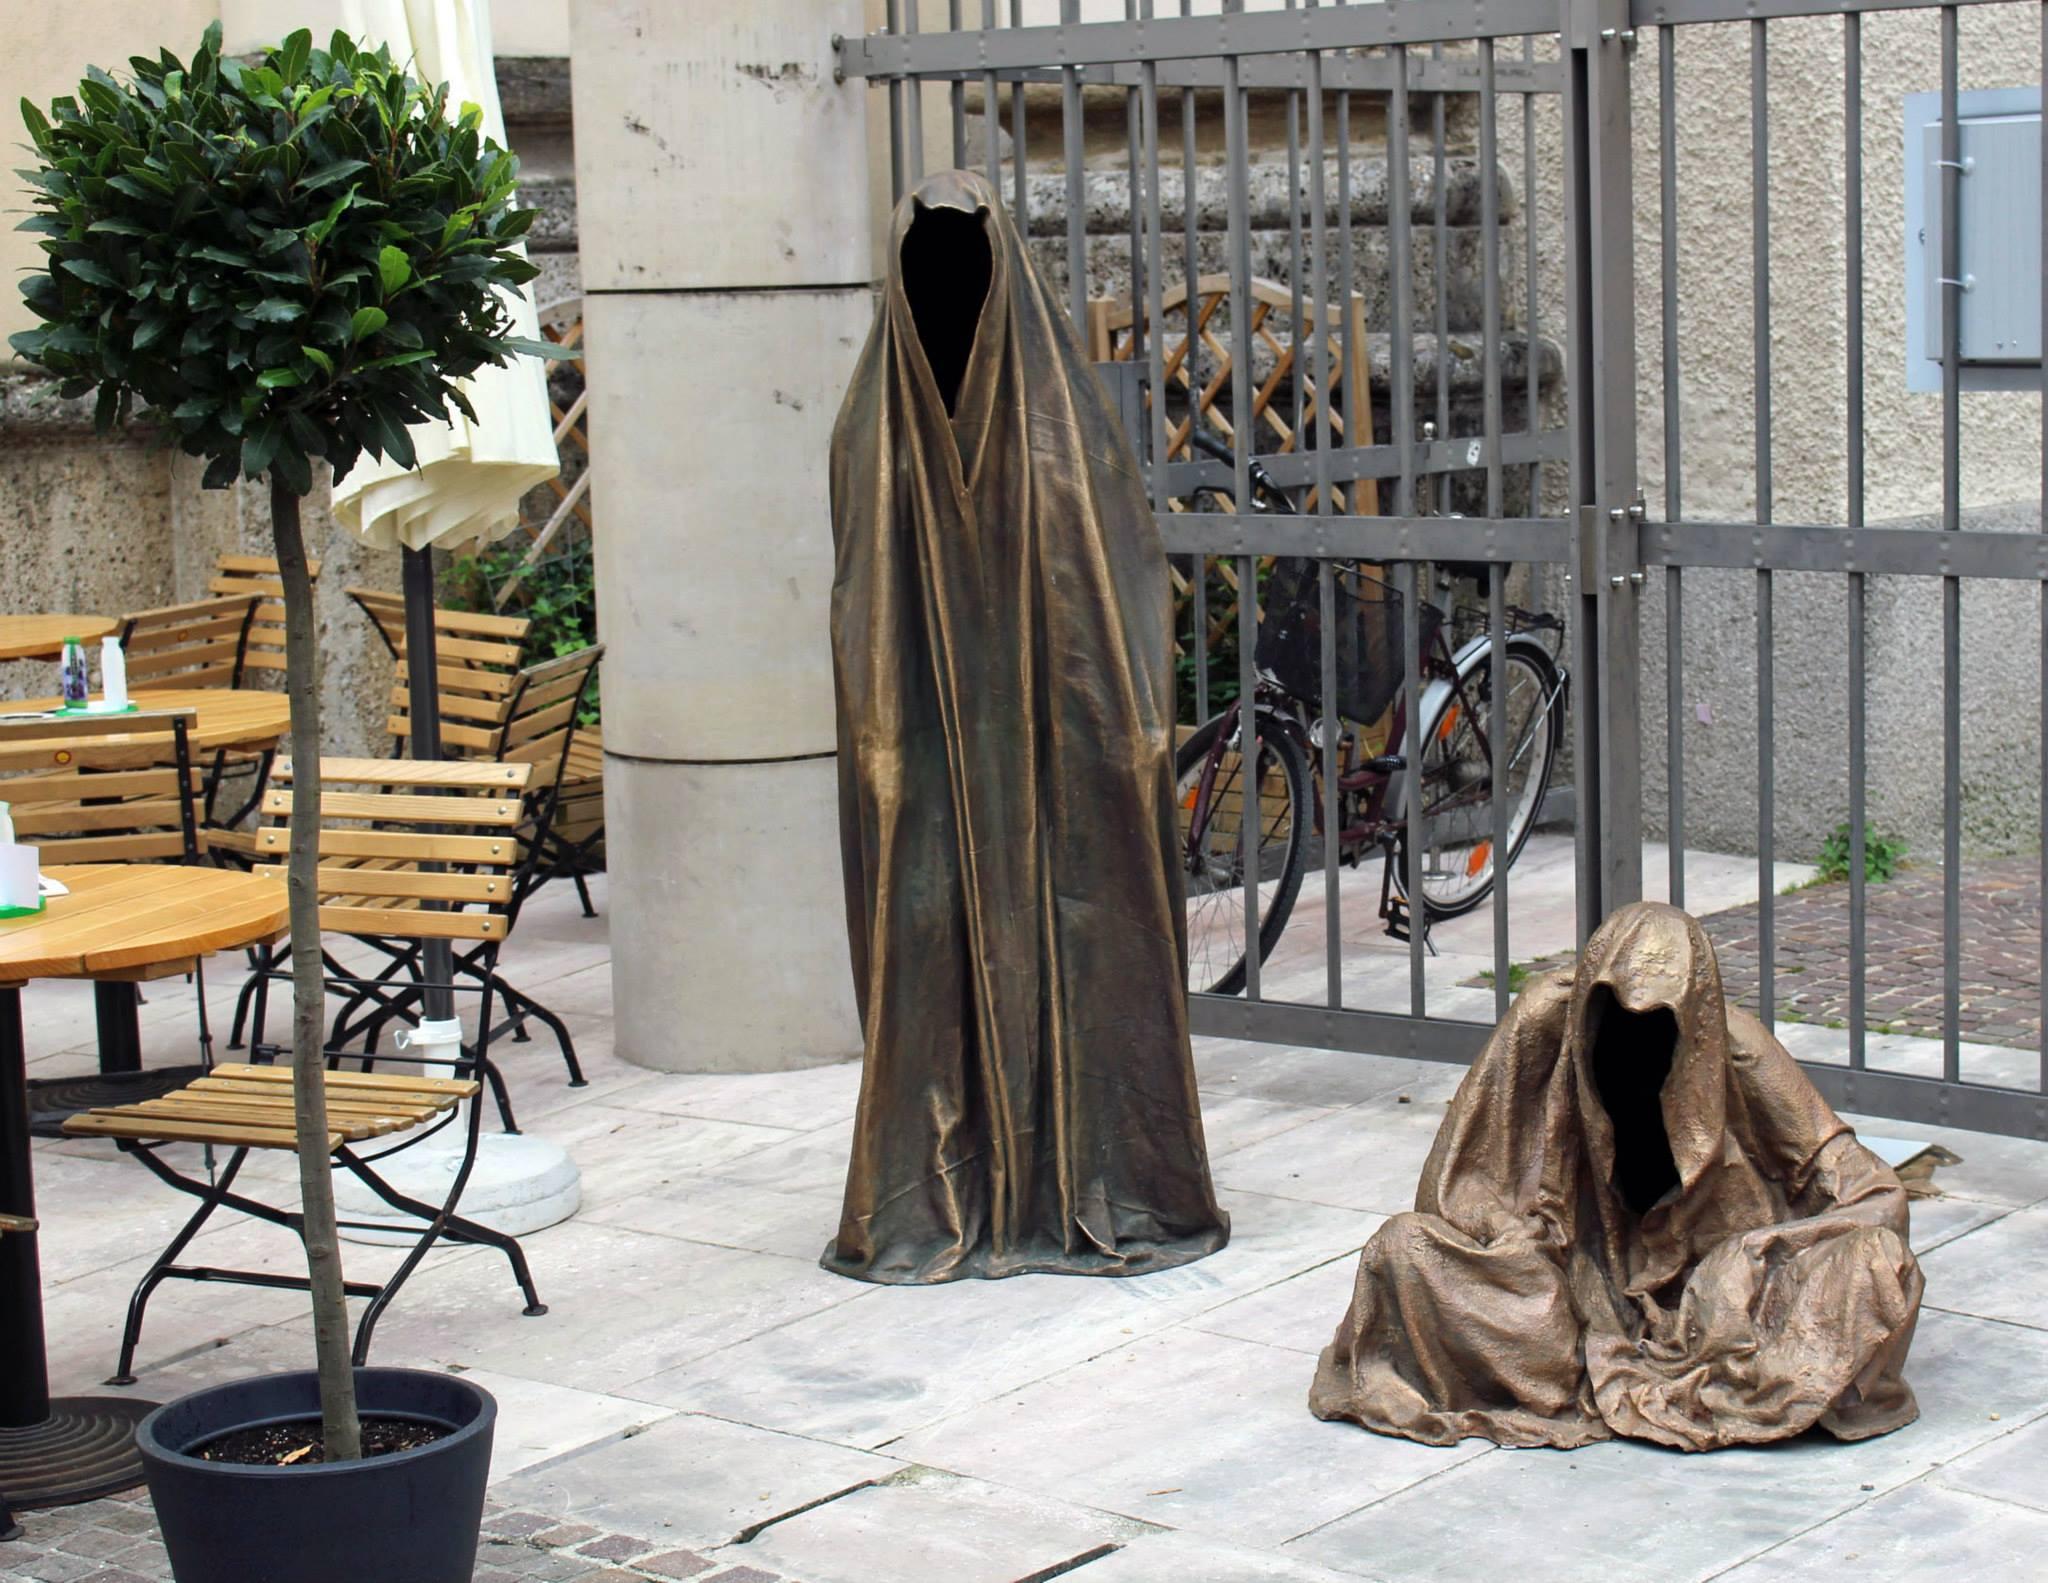 foto peter markl art salzburg international fine art fair art dealer kunsthandel freller guardians of time bronze arts statue sculpture guarden manfred kielnhofer